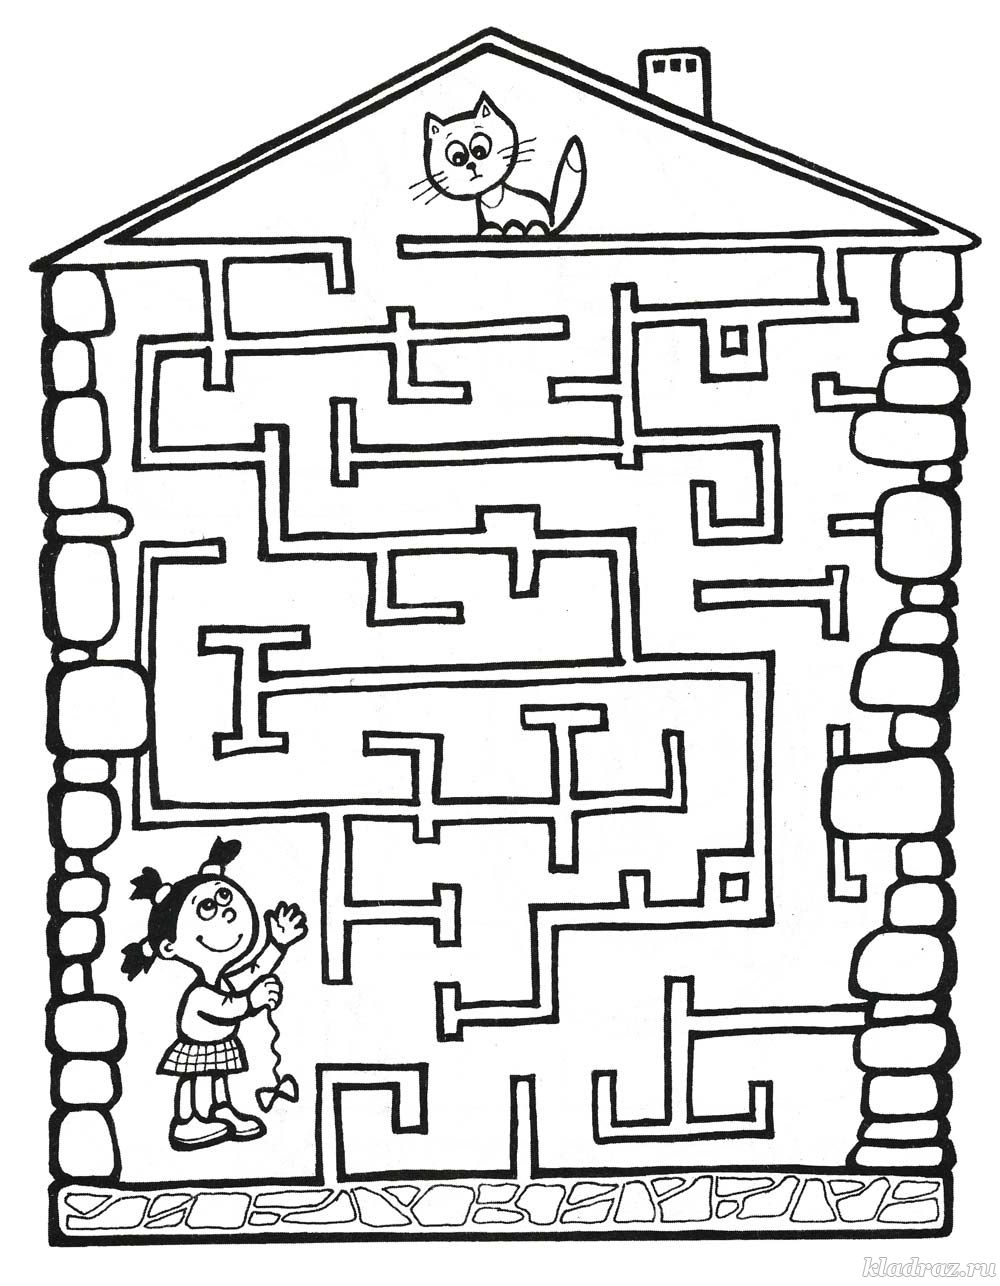 Картинки головоломки для детей 5 лет